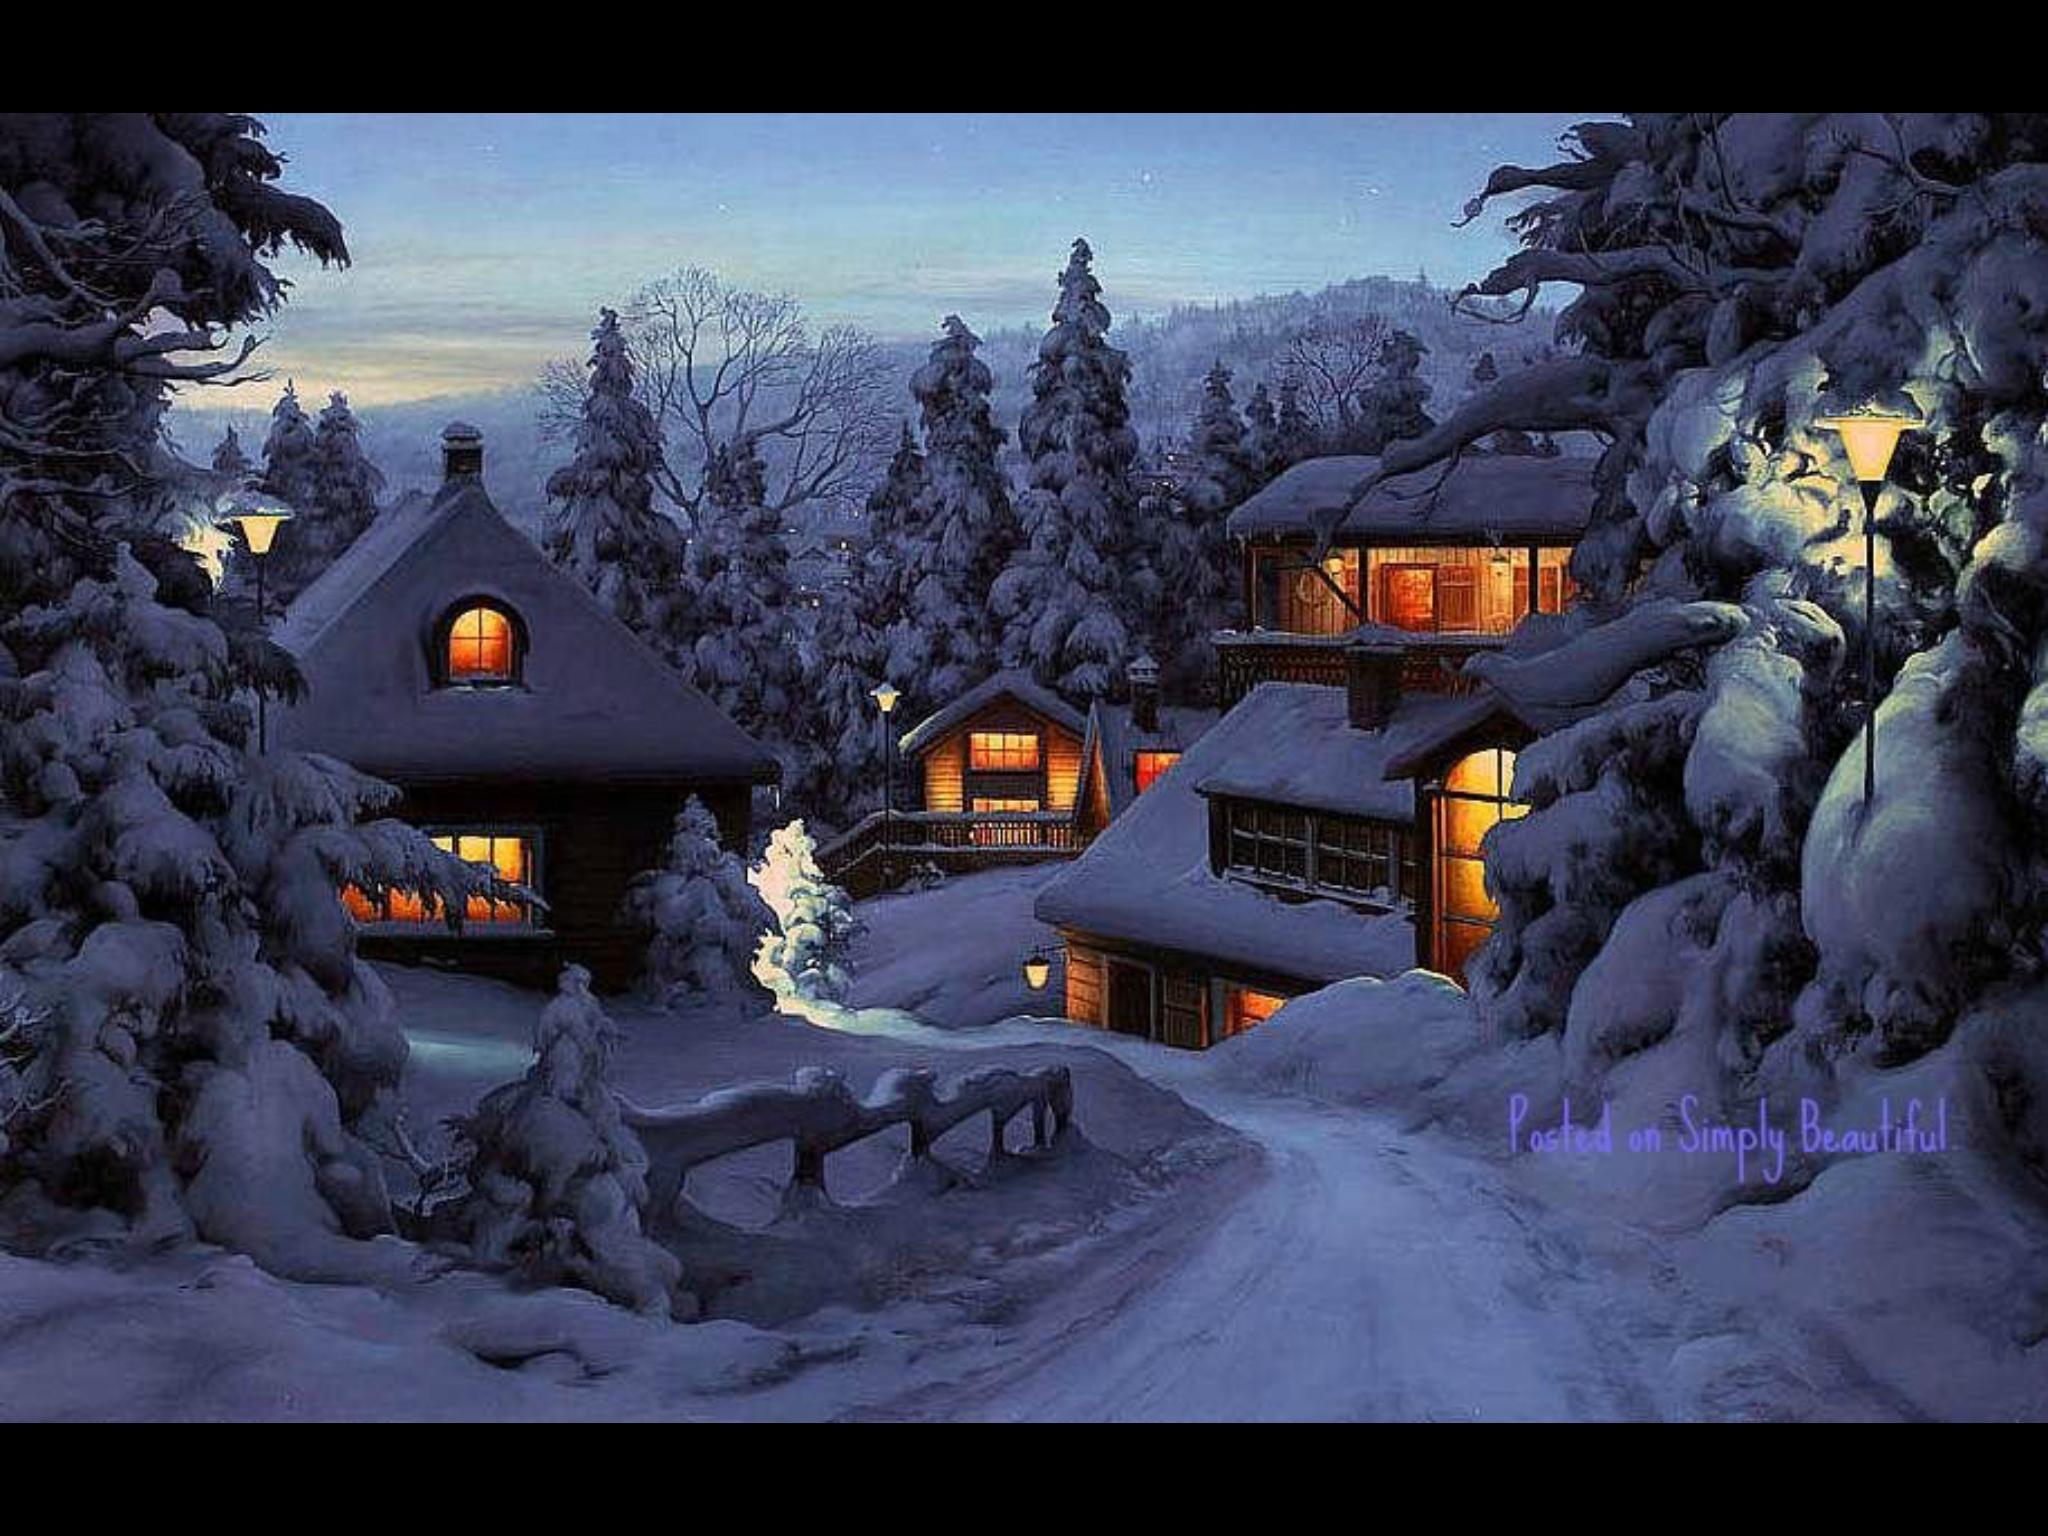 красивые зимние новогодние пейзажи фото и картинки свой профессионализм раз